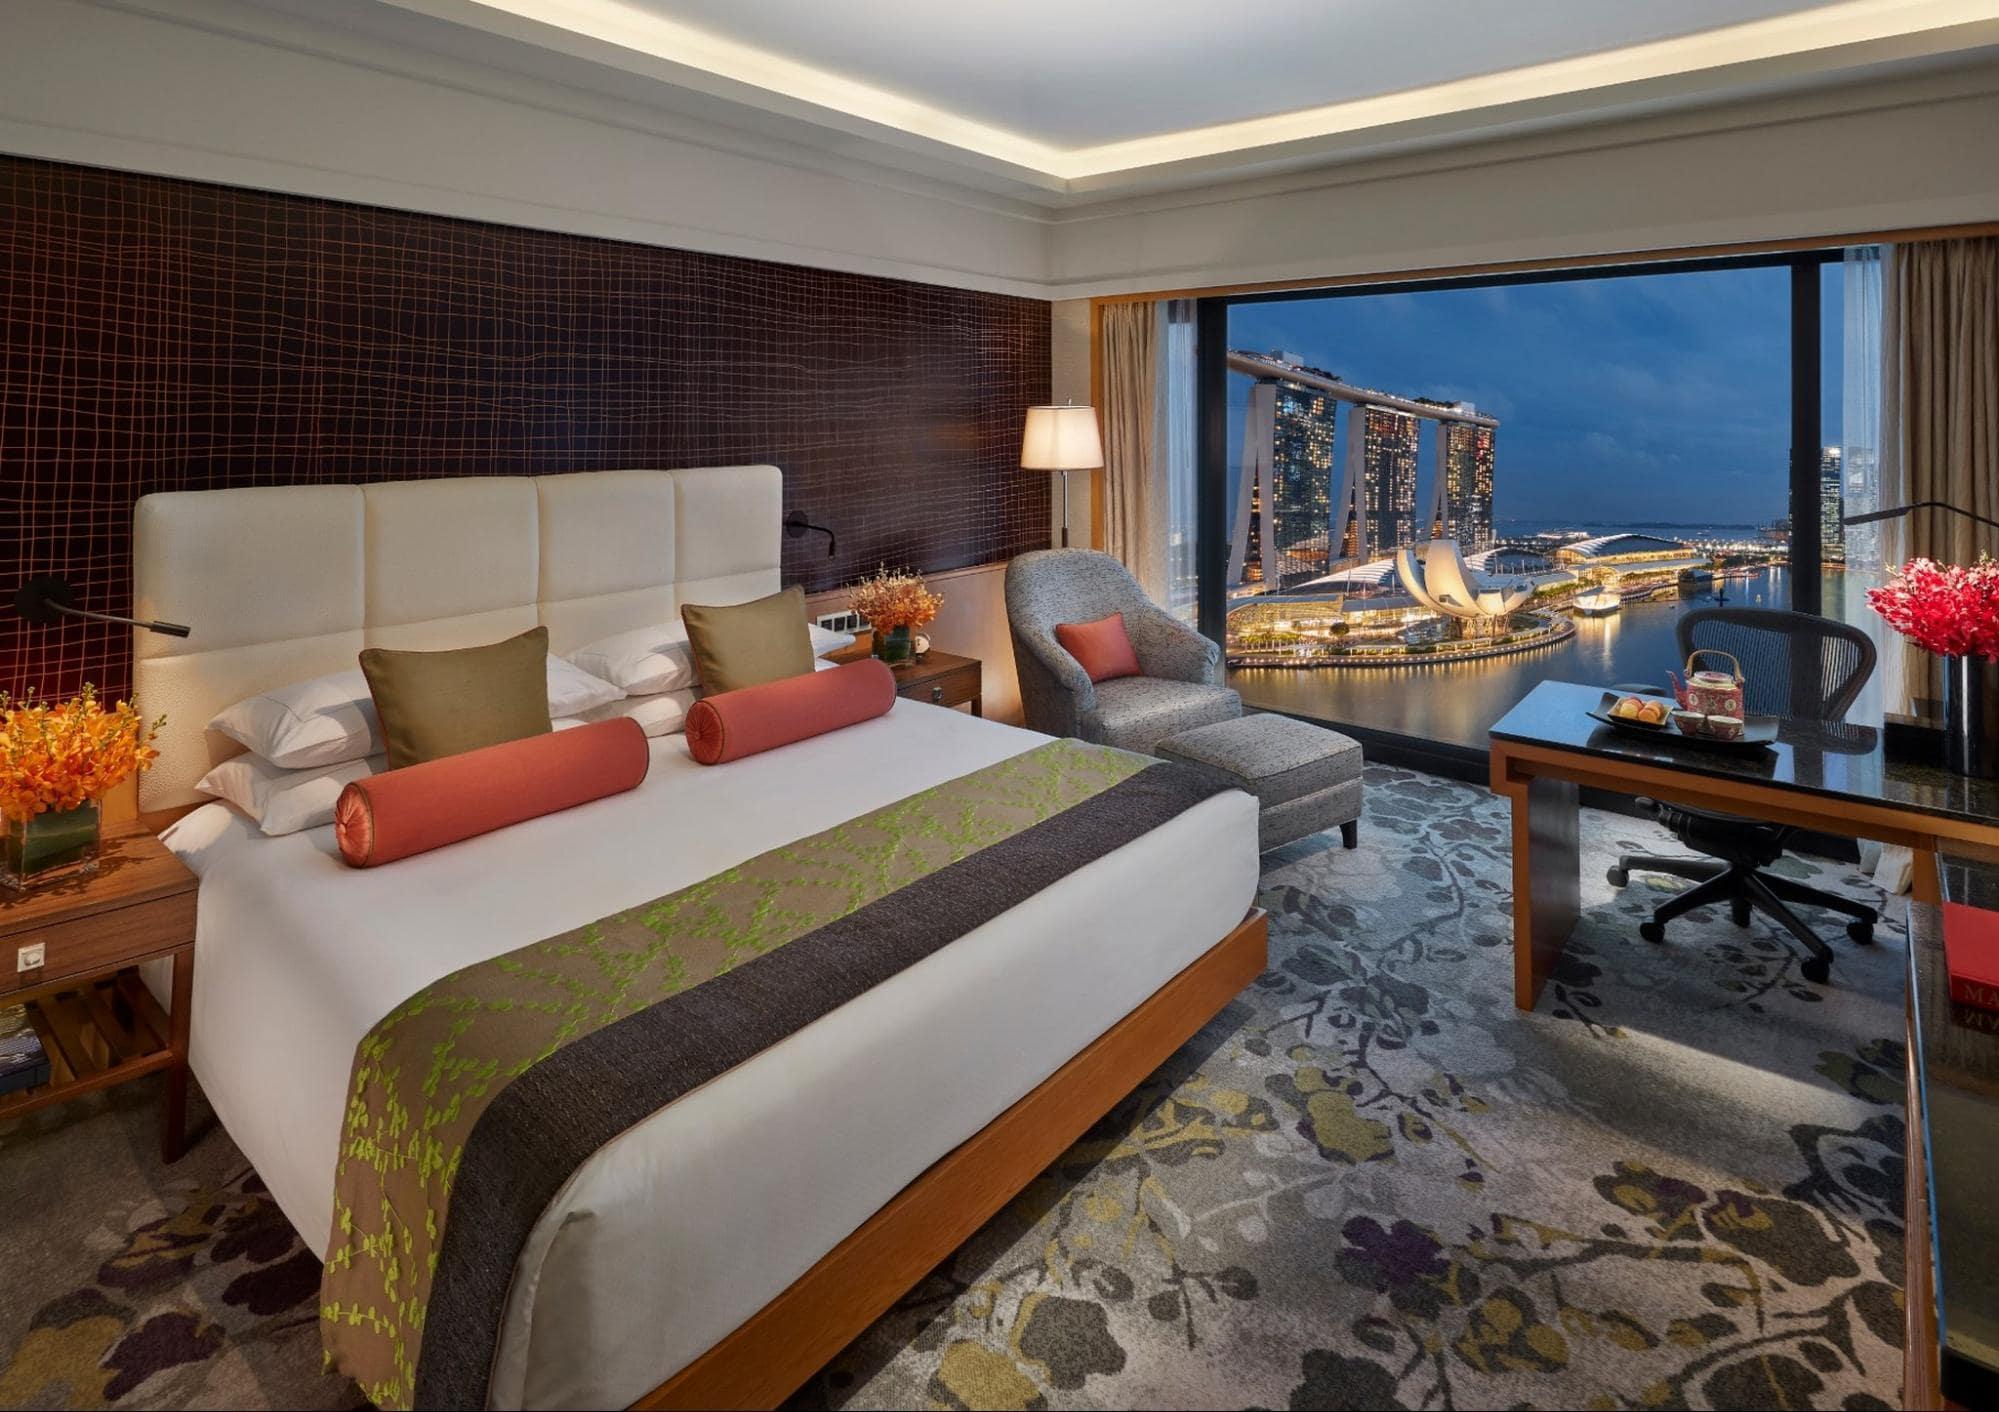 Mandarin Oriental Hotel Room